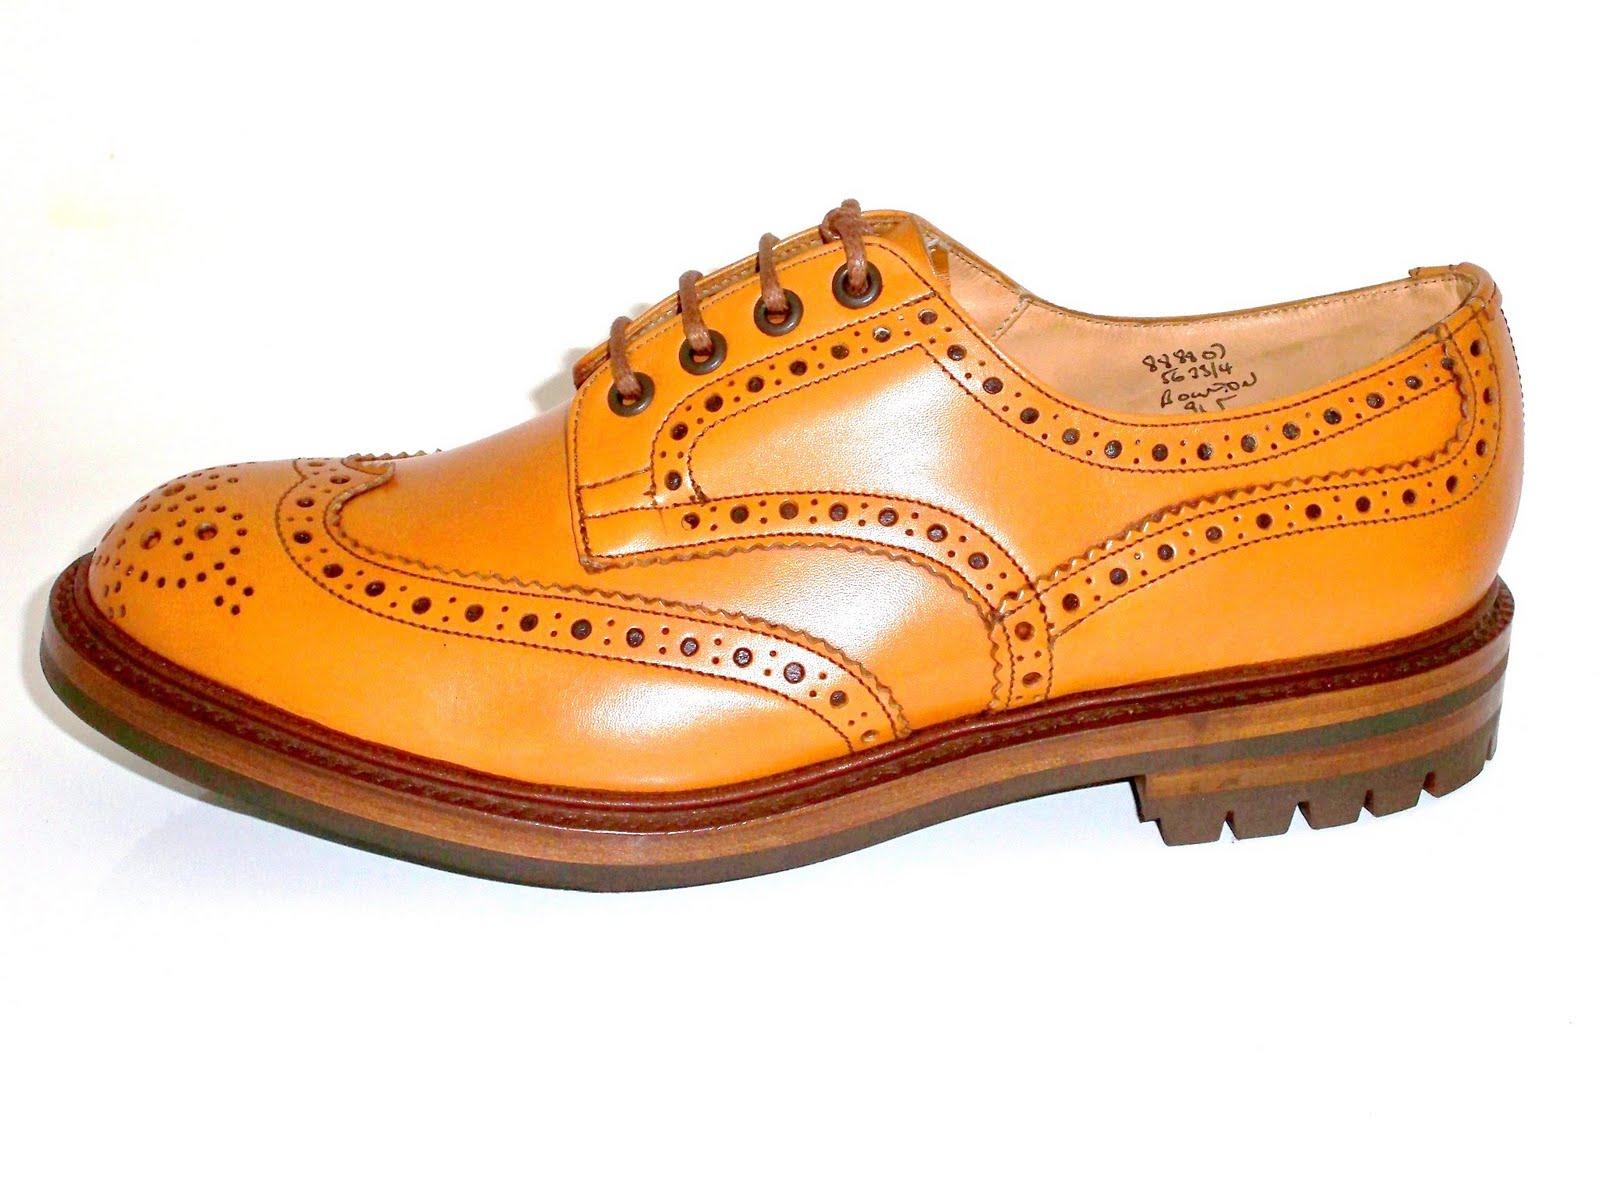 Herring Shoes Repairs